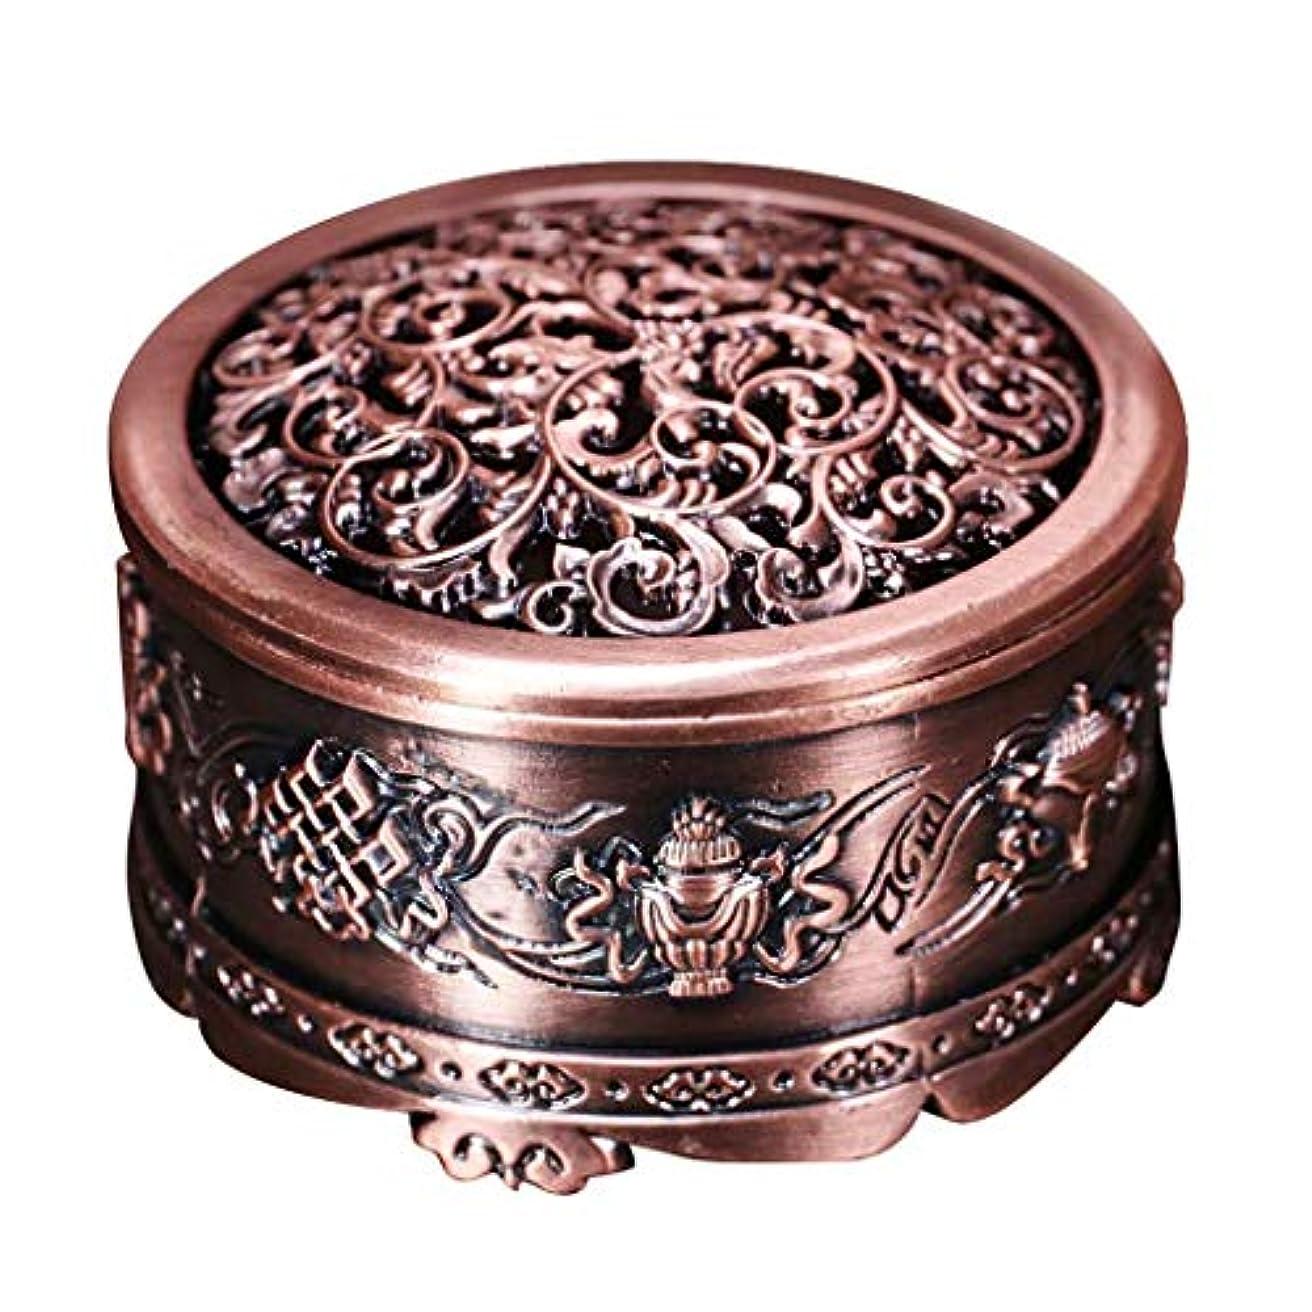 確かに徹底的に使役芳香器?アロマバーナー 合金銅香バーナー香ホルダー金属ヴィンテージ手芸フラワーセンサールームの装飾 アロマバーナー芳香器 (Color : Bronze)